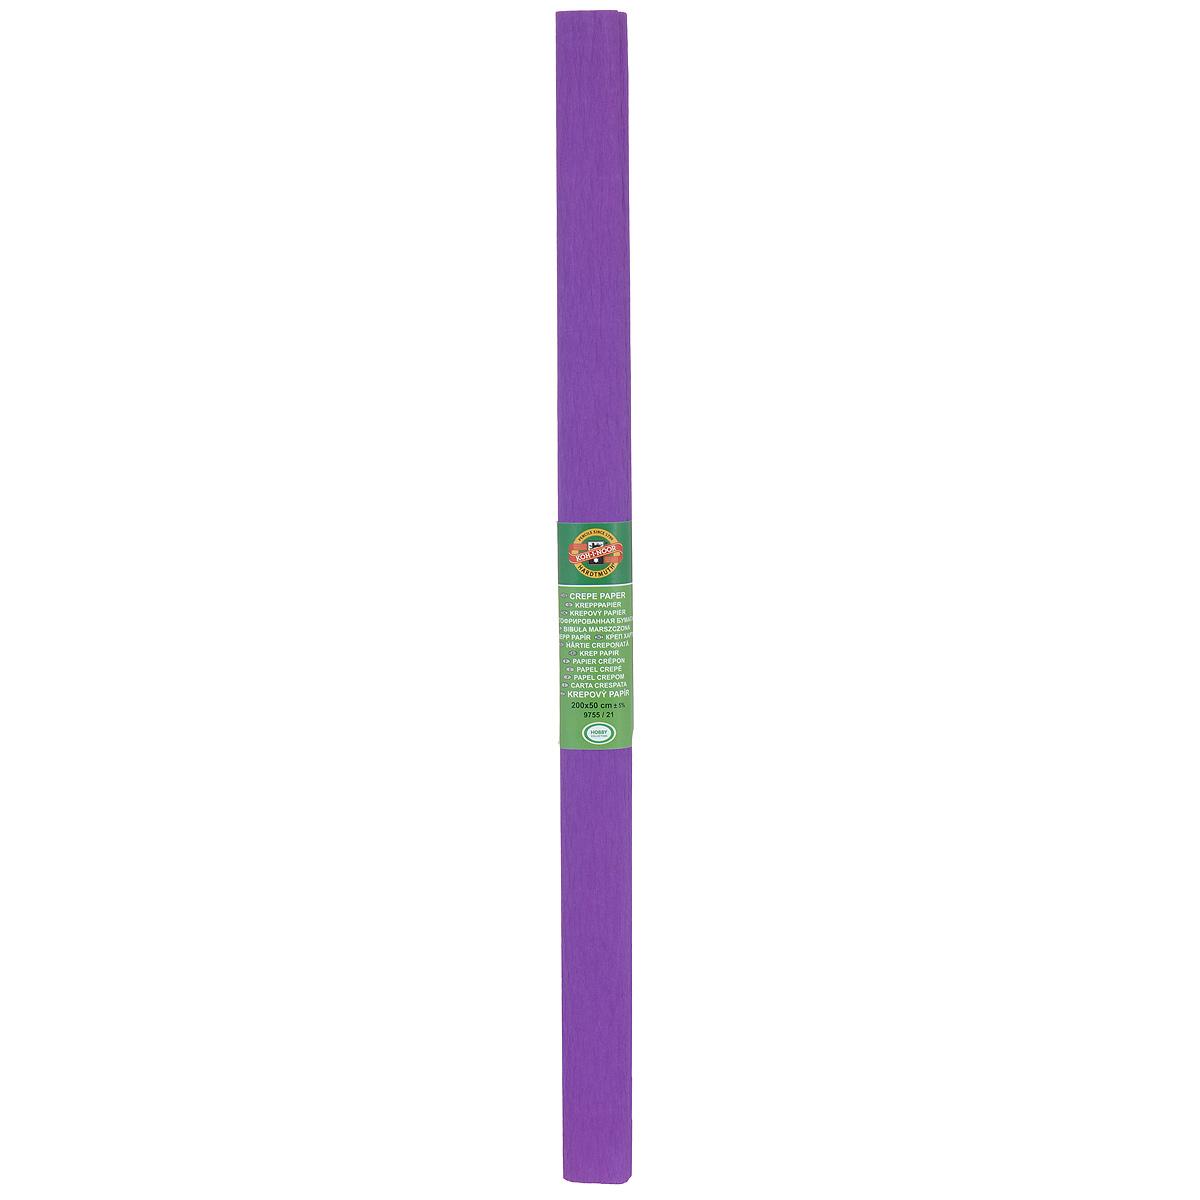 Бумага гофрированная Koh-I-Noor, цвет: фиолетовый, 50 см x 2 мRSP-202SГофрированная бумага Koh-I-Noor - прекрасный материал для декорирования, изготовления эффектной упаковки и различных поделок. Бумага прекрасно держит форму, не пачкает руки, отлично крепится и замечательно подходит для изготовления праздничной упаковки для цветов.